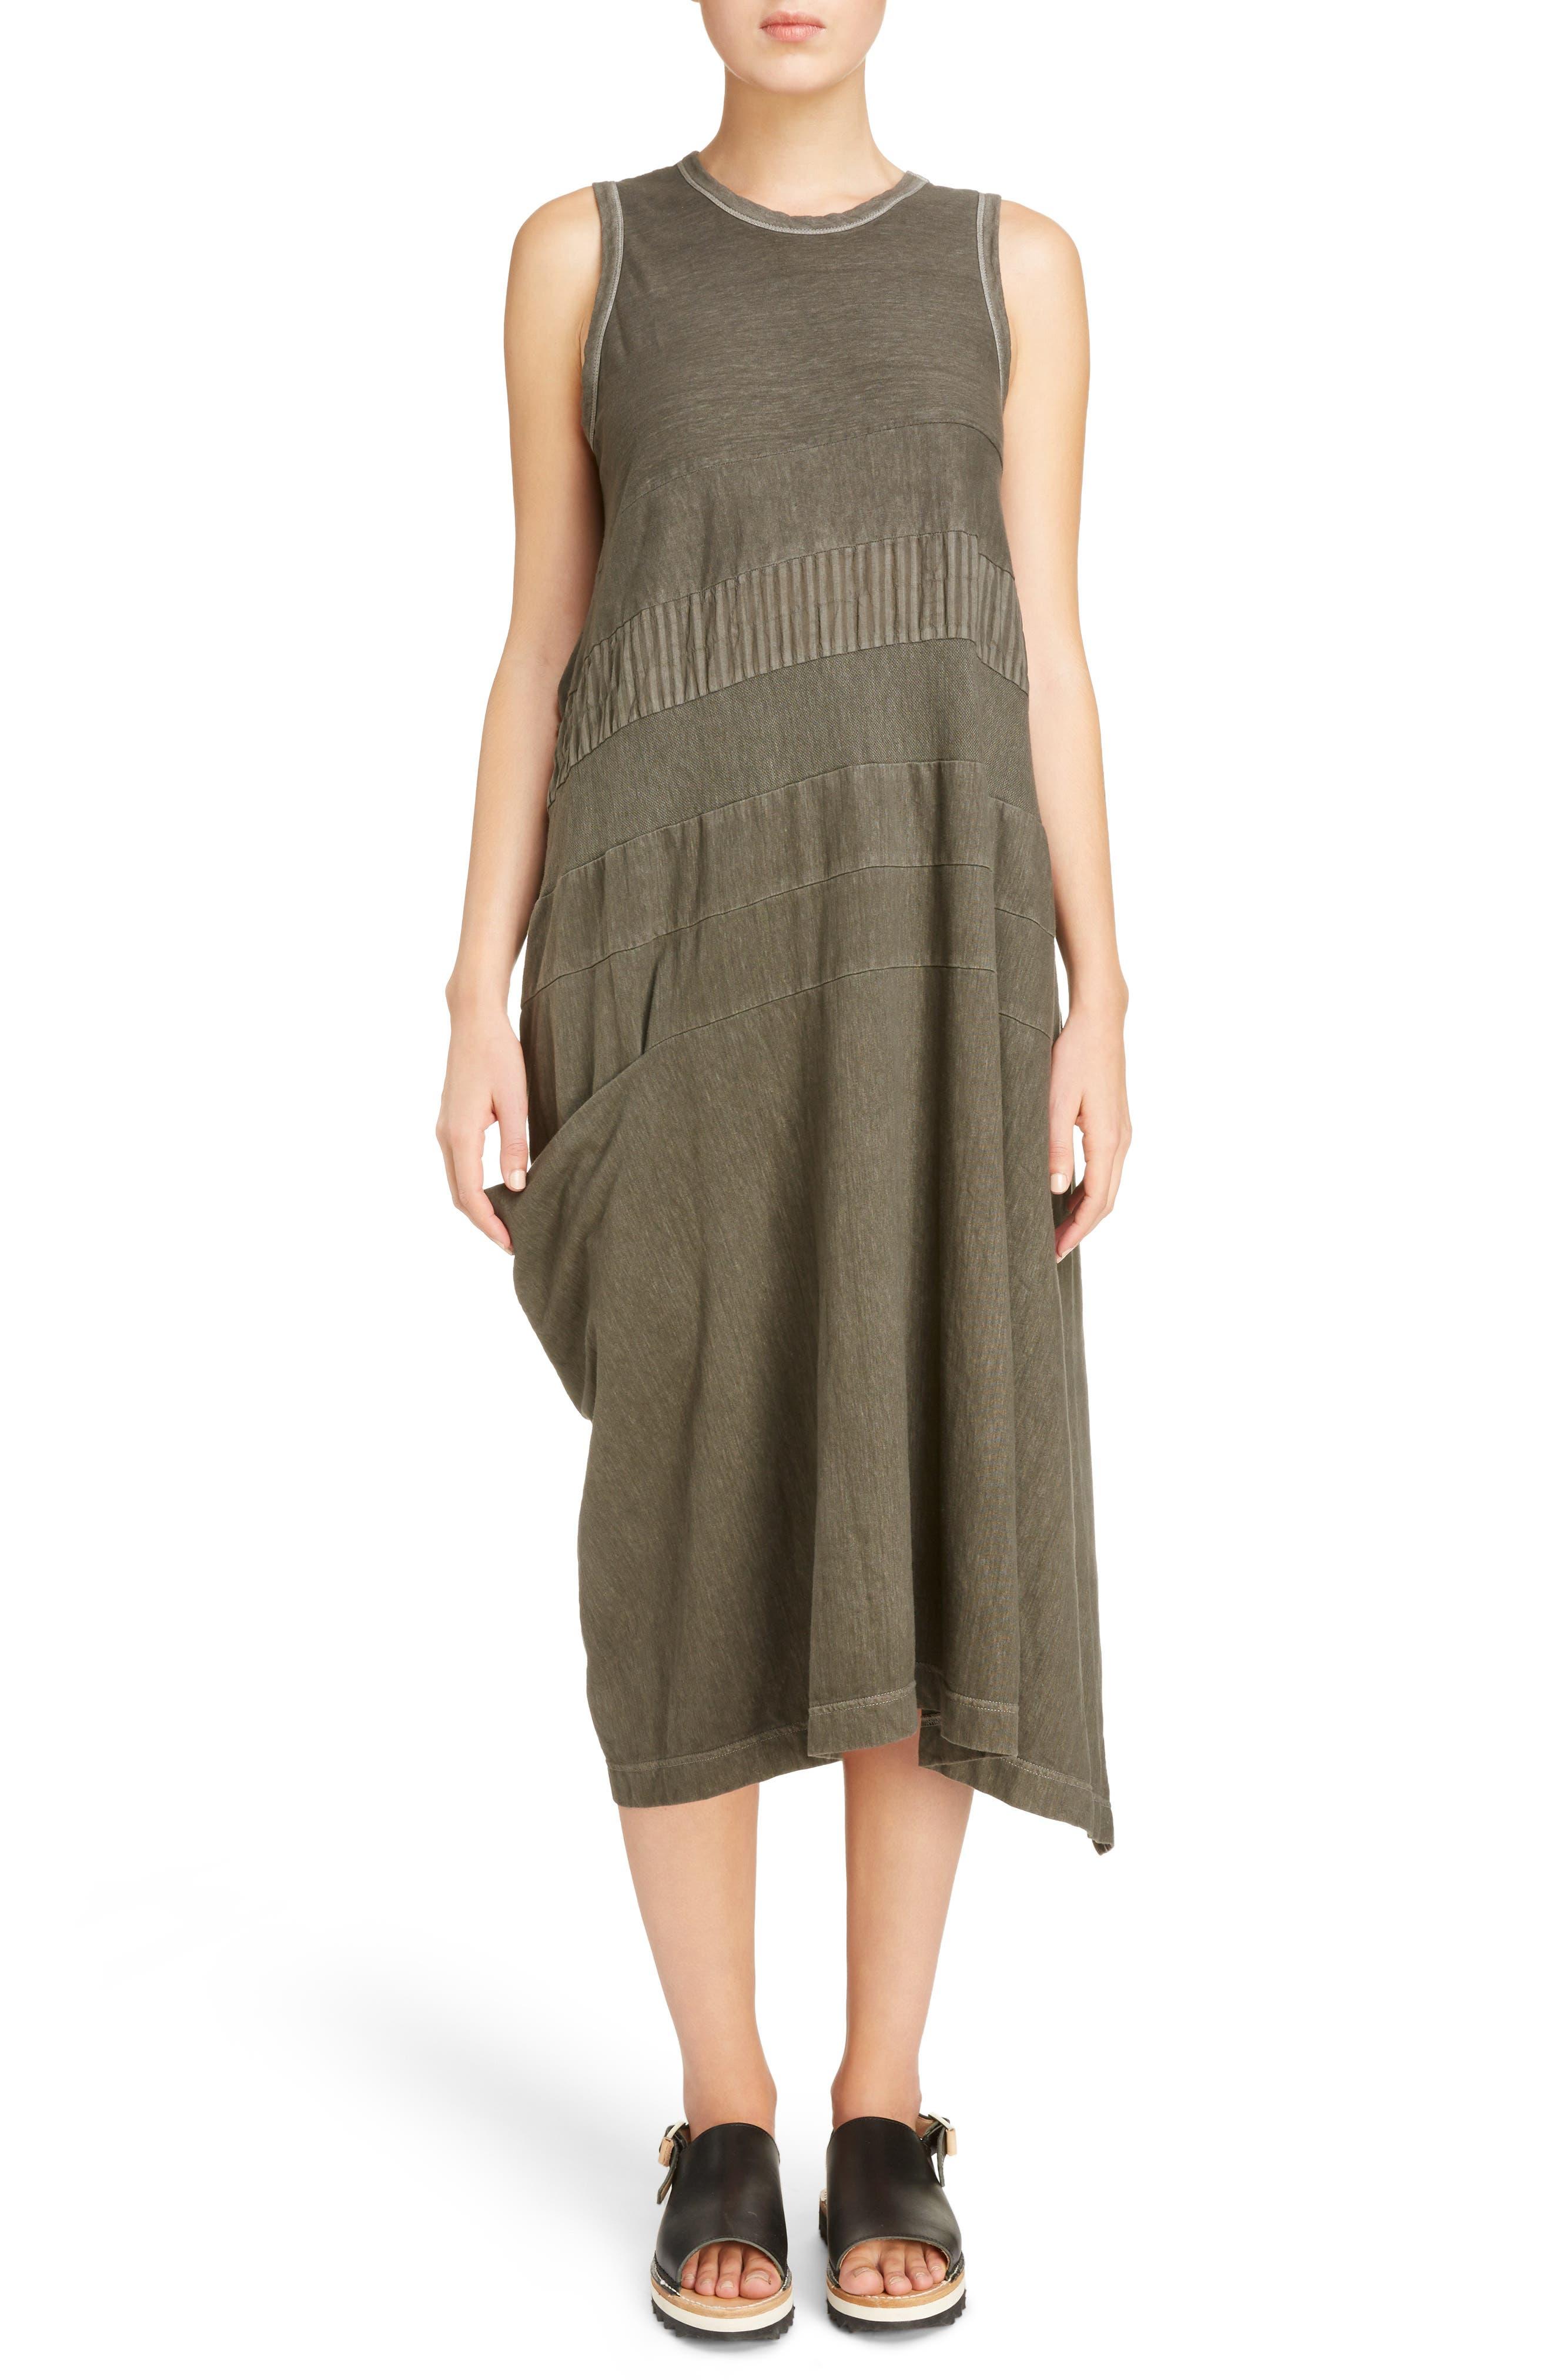 Y's by Yohji Yamamoto Washed Cotton Sleeveless Shift Dress